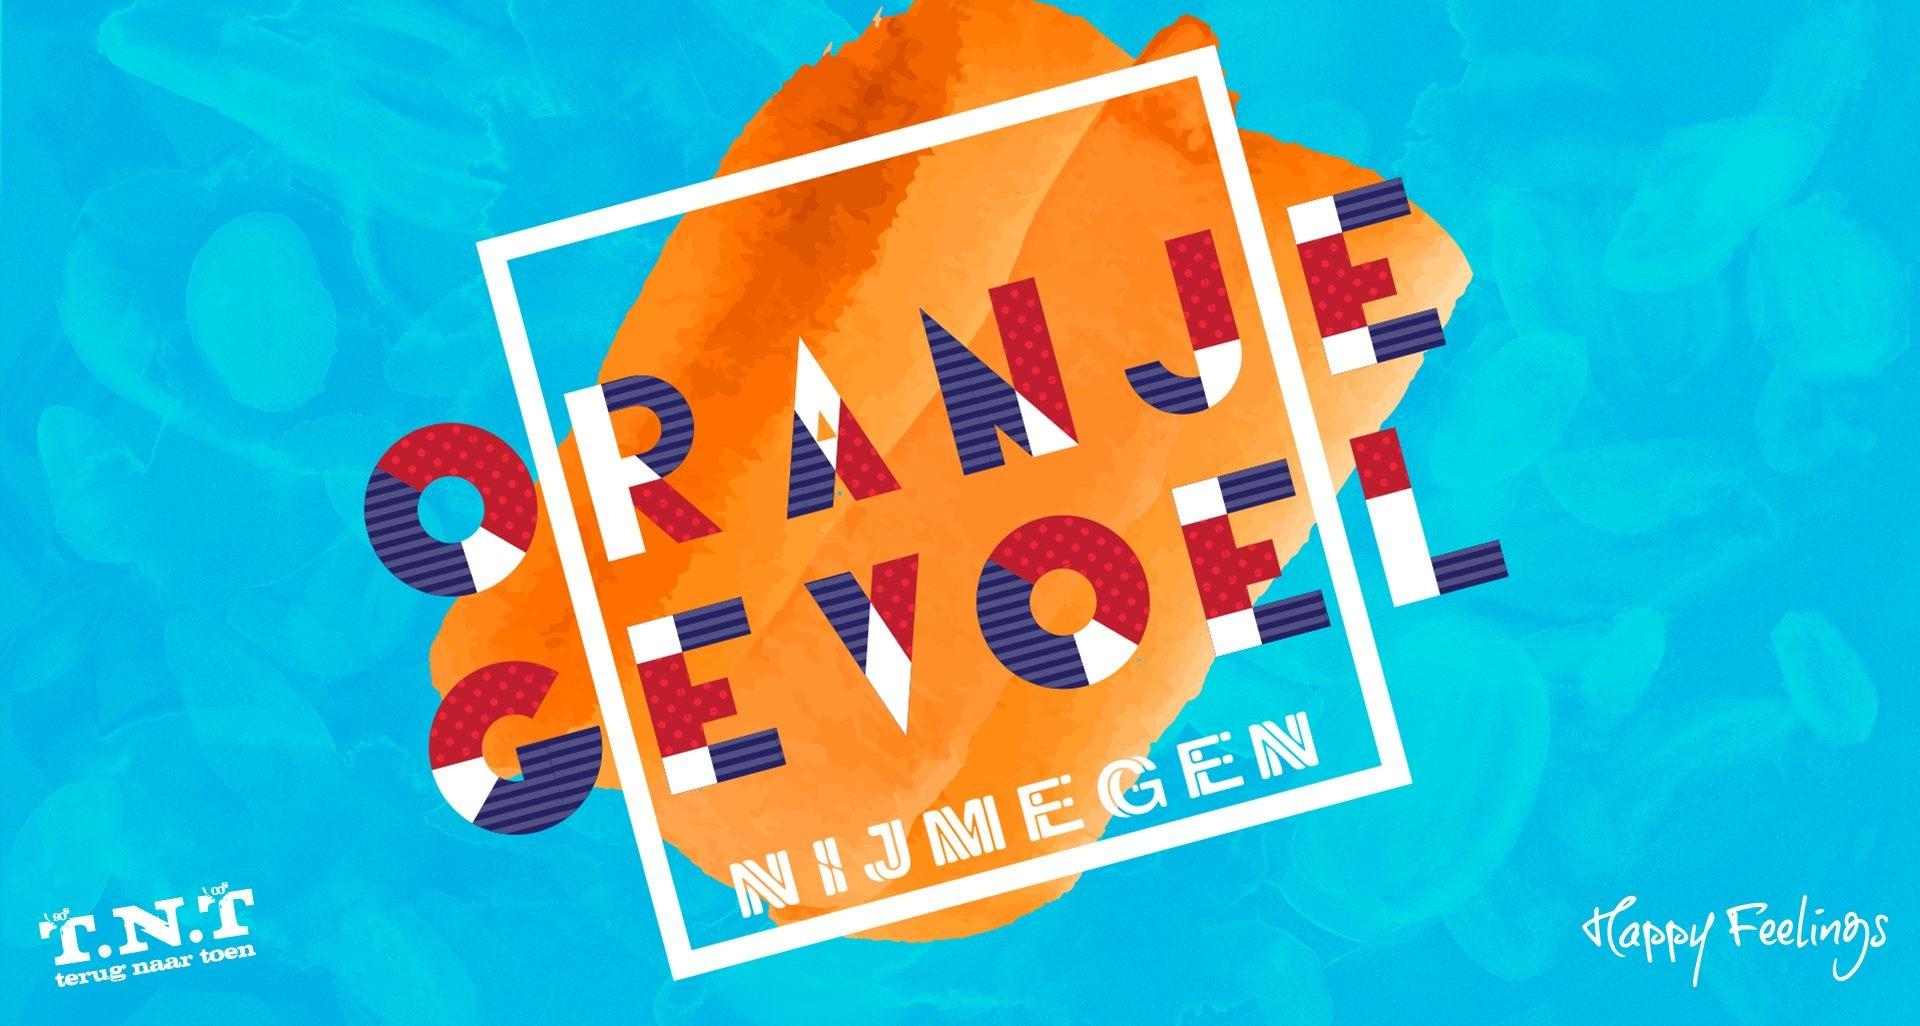 Oranjegevoel Koningsnacht 26 April 2019 Van Buren Nijmegen